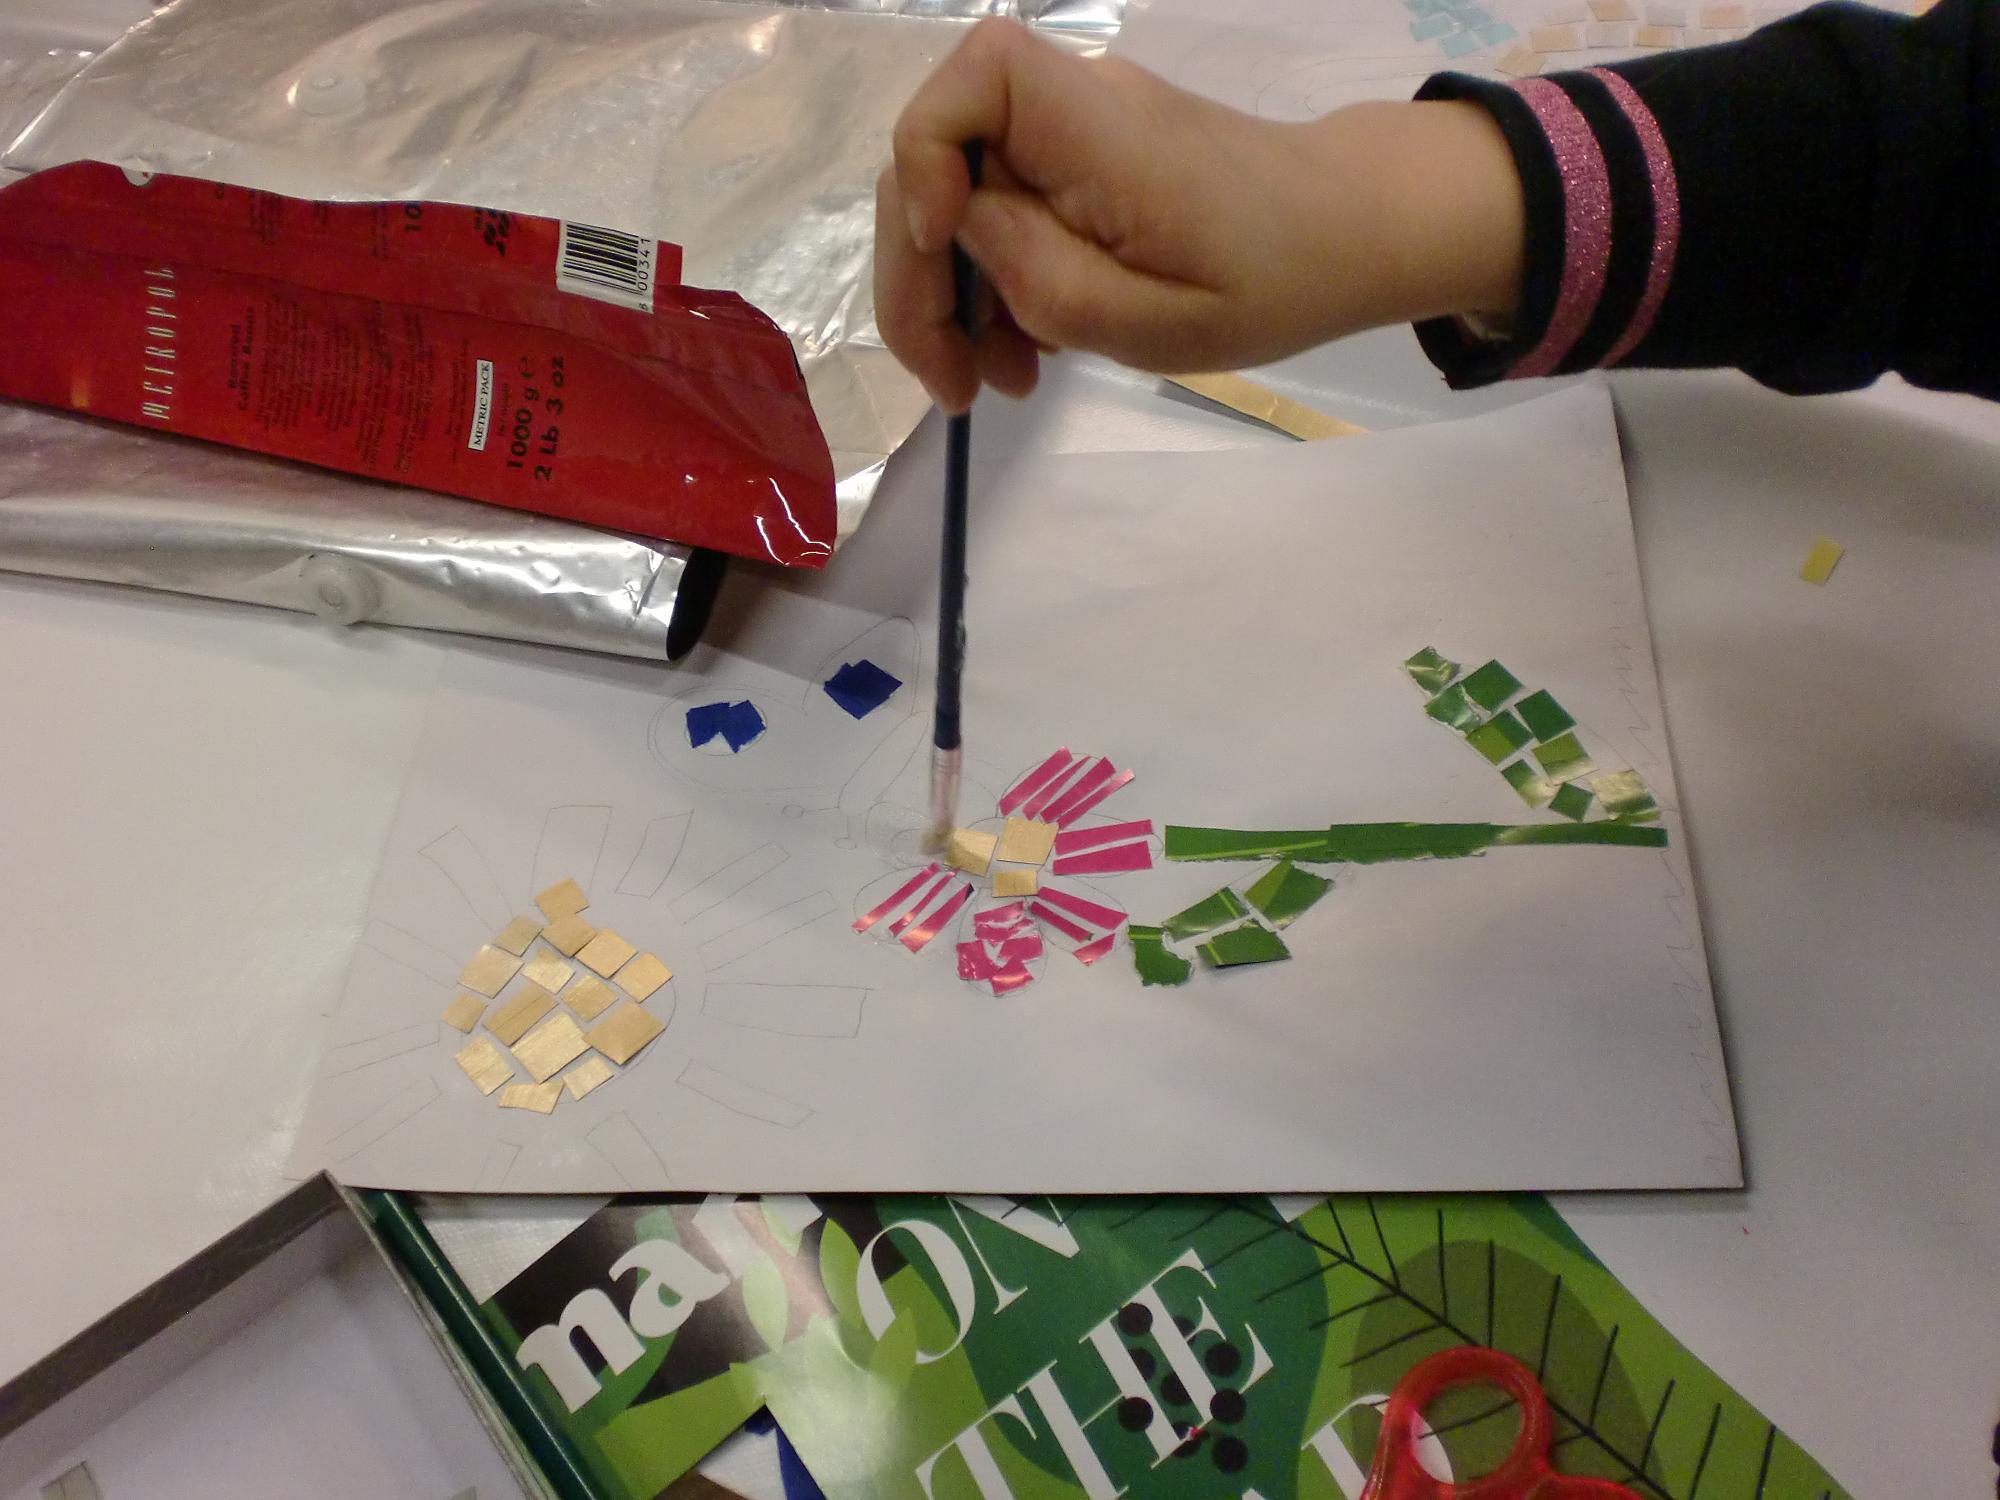 Estremamente Laboratori creativi per bimbini | Noi dell'Arte XE09